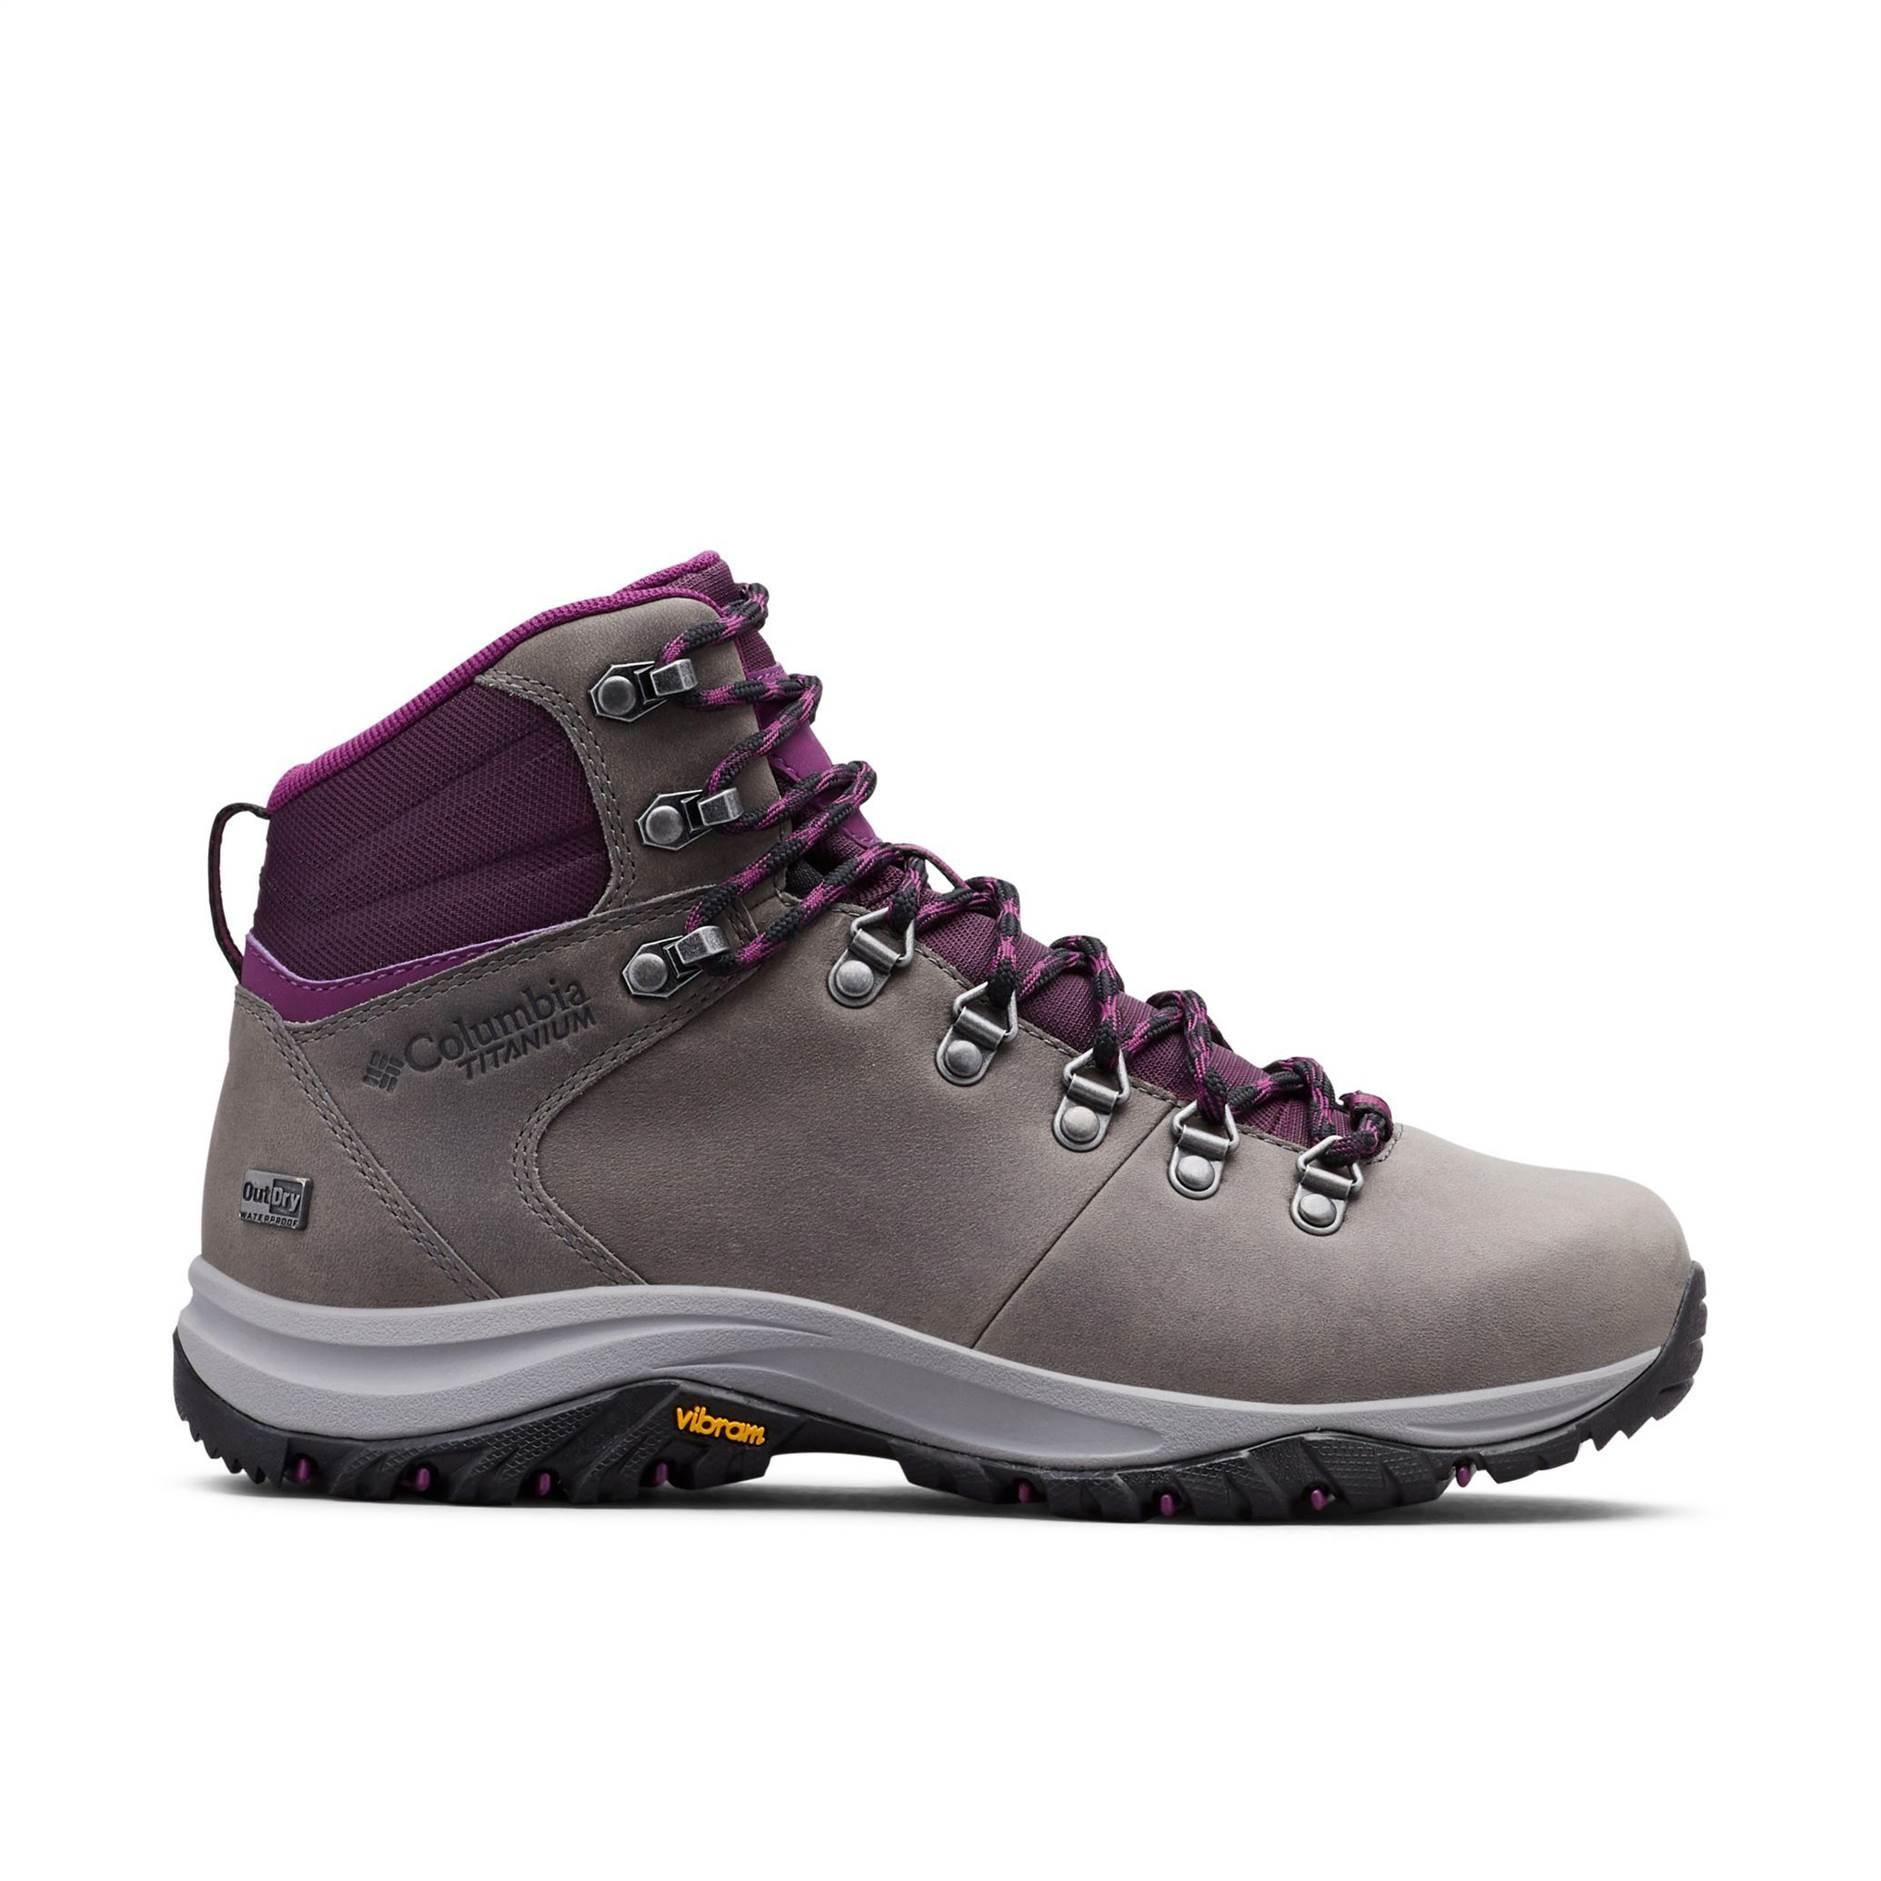 100MW Titanium Outdry Boot - Women's